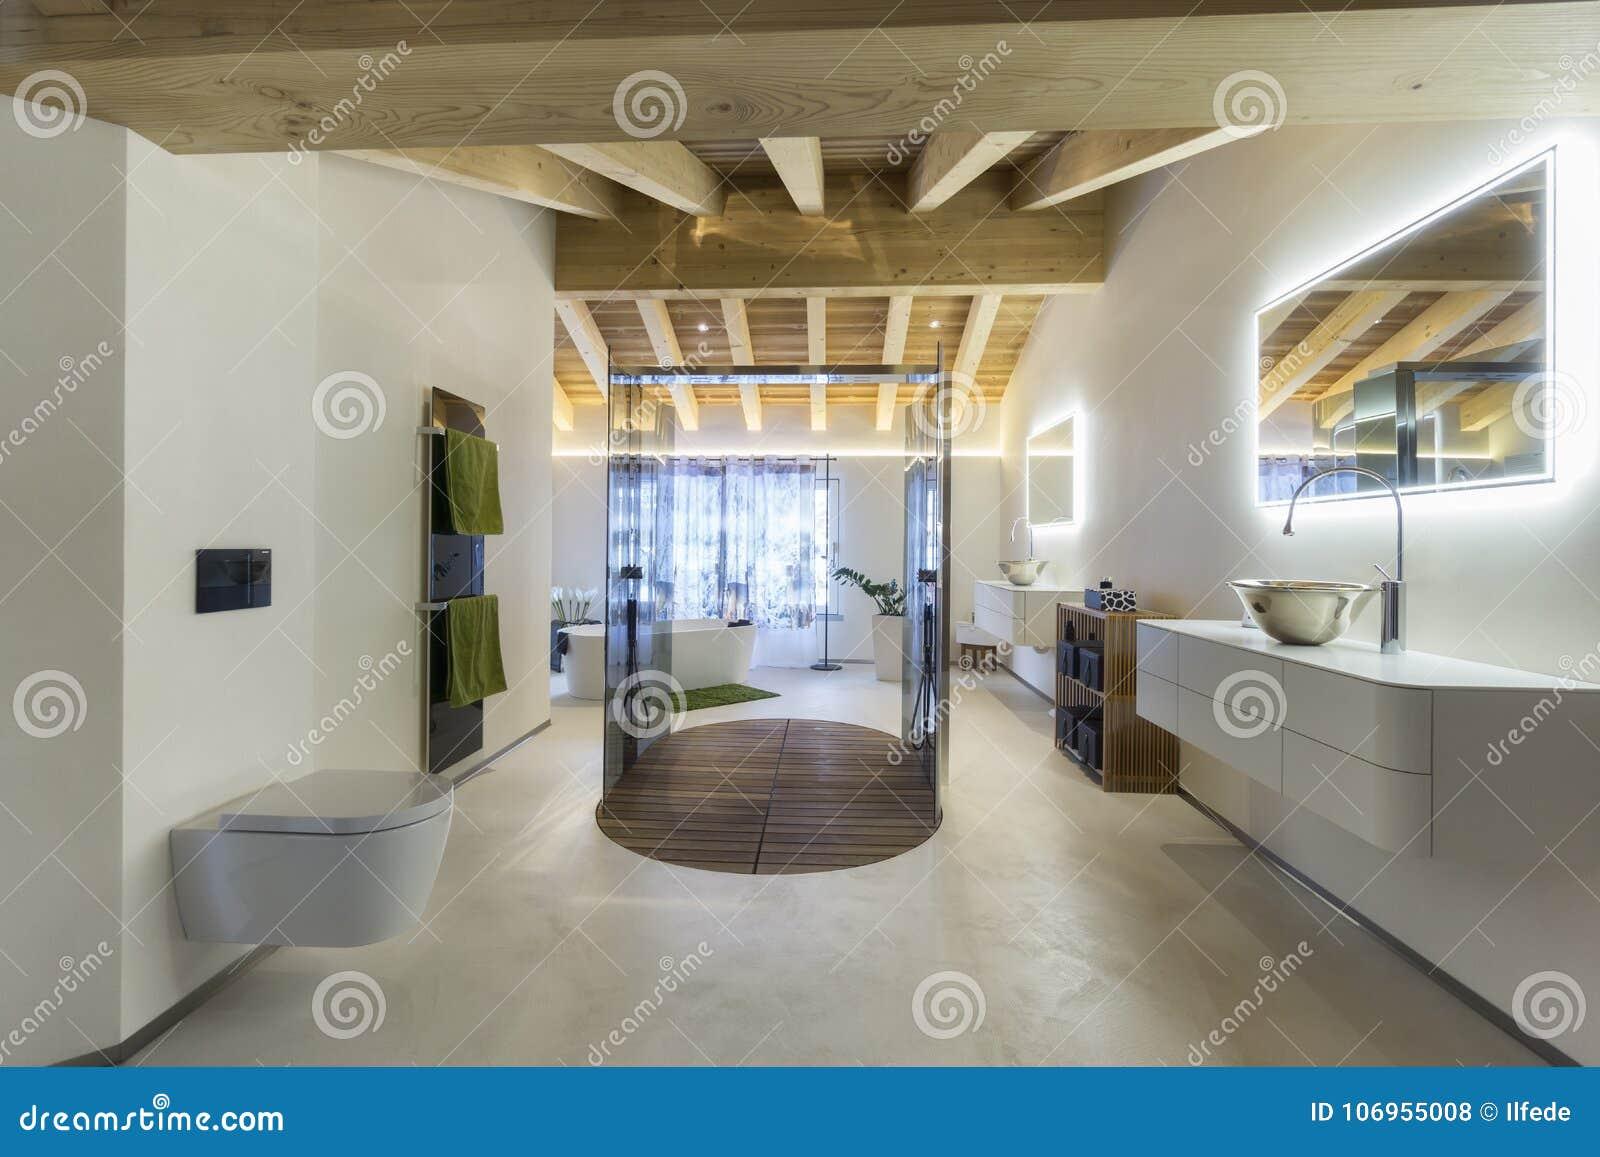 Salle De Bains De Luxe Avec Le Plafond De Douche Et En Bois Photo ...